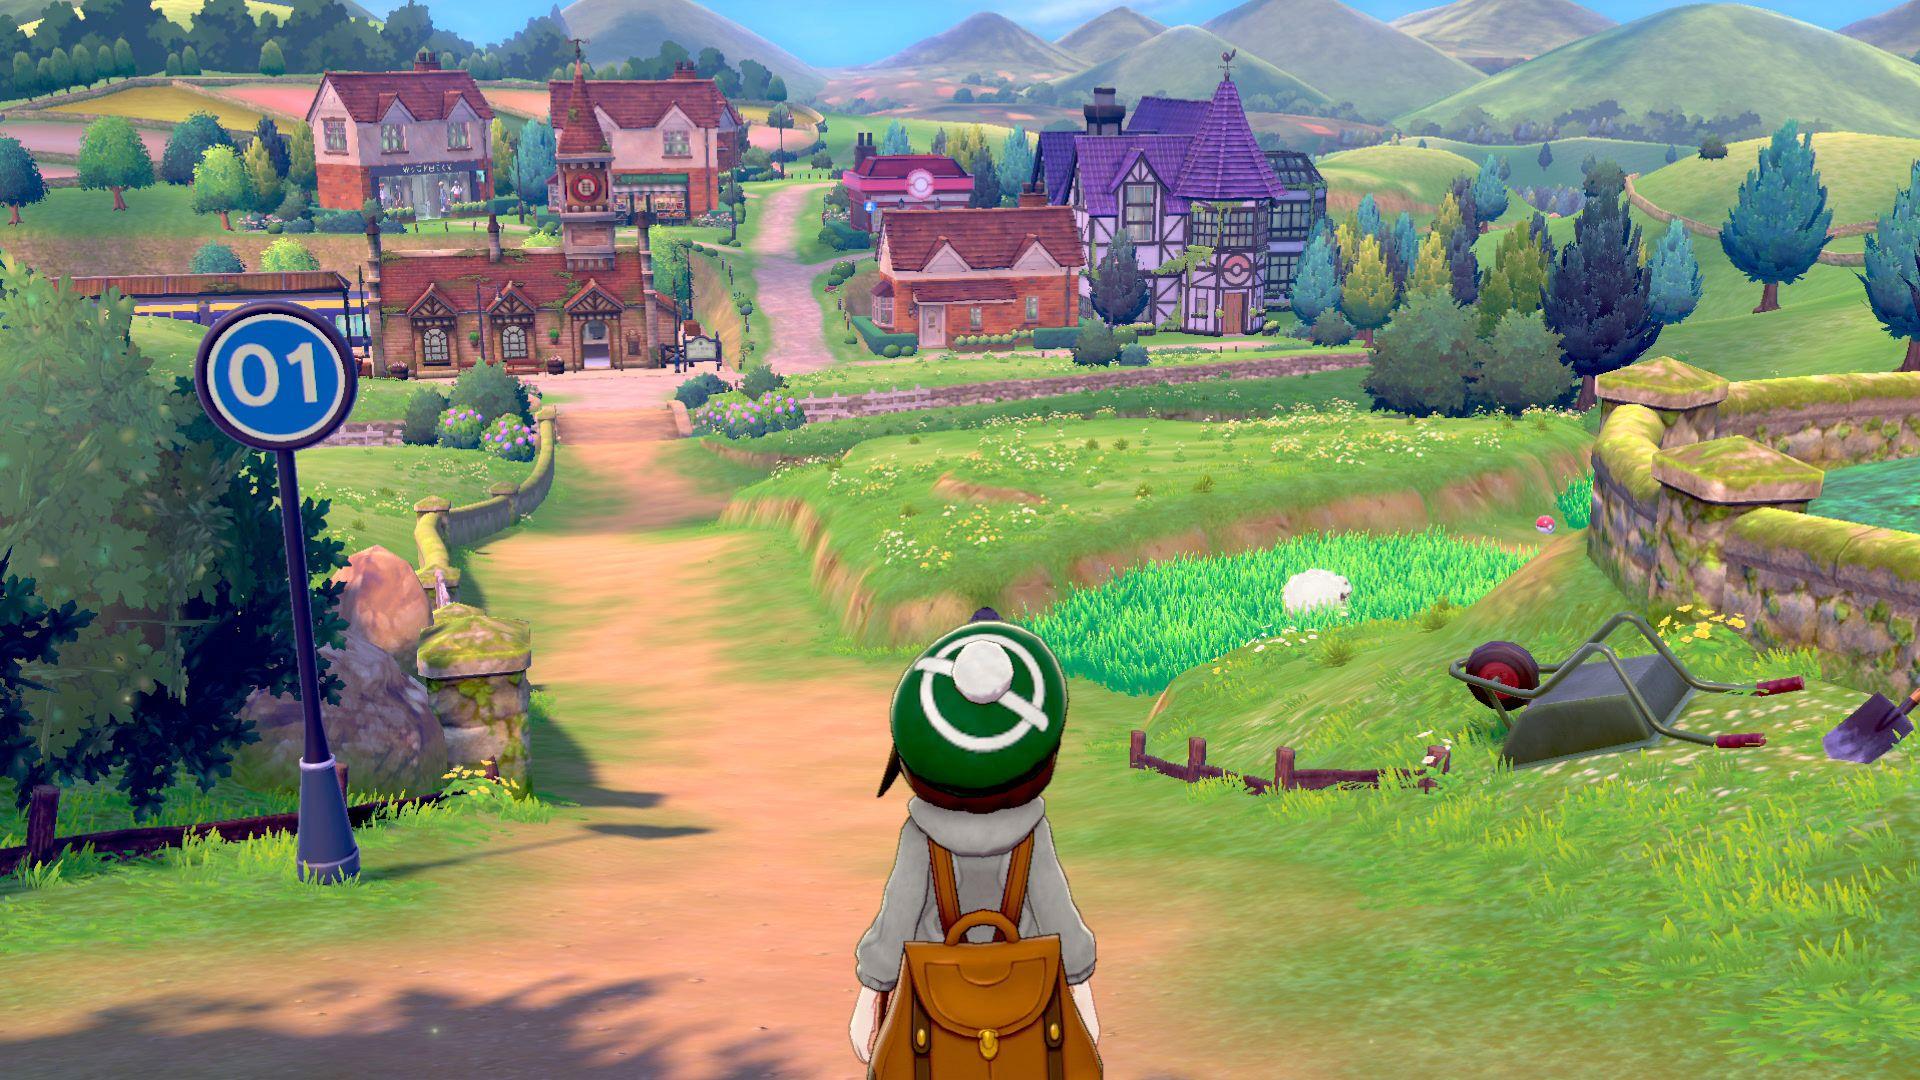 Sembra confermata la presenza dell'auto-salvataggio in Pokémon Spada e Pokémon Scudo